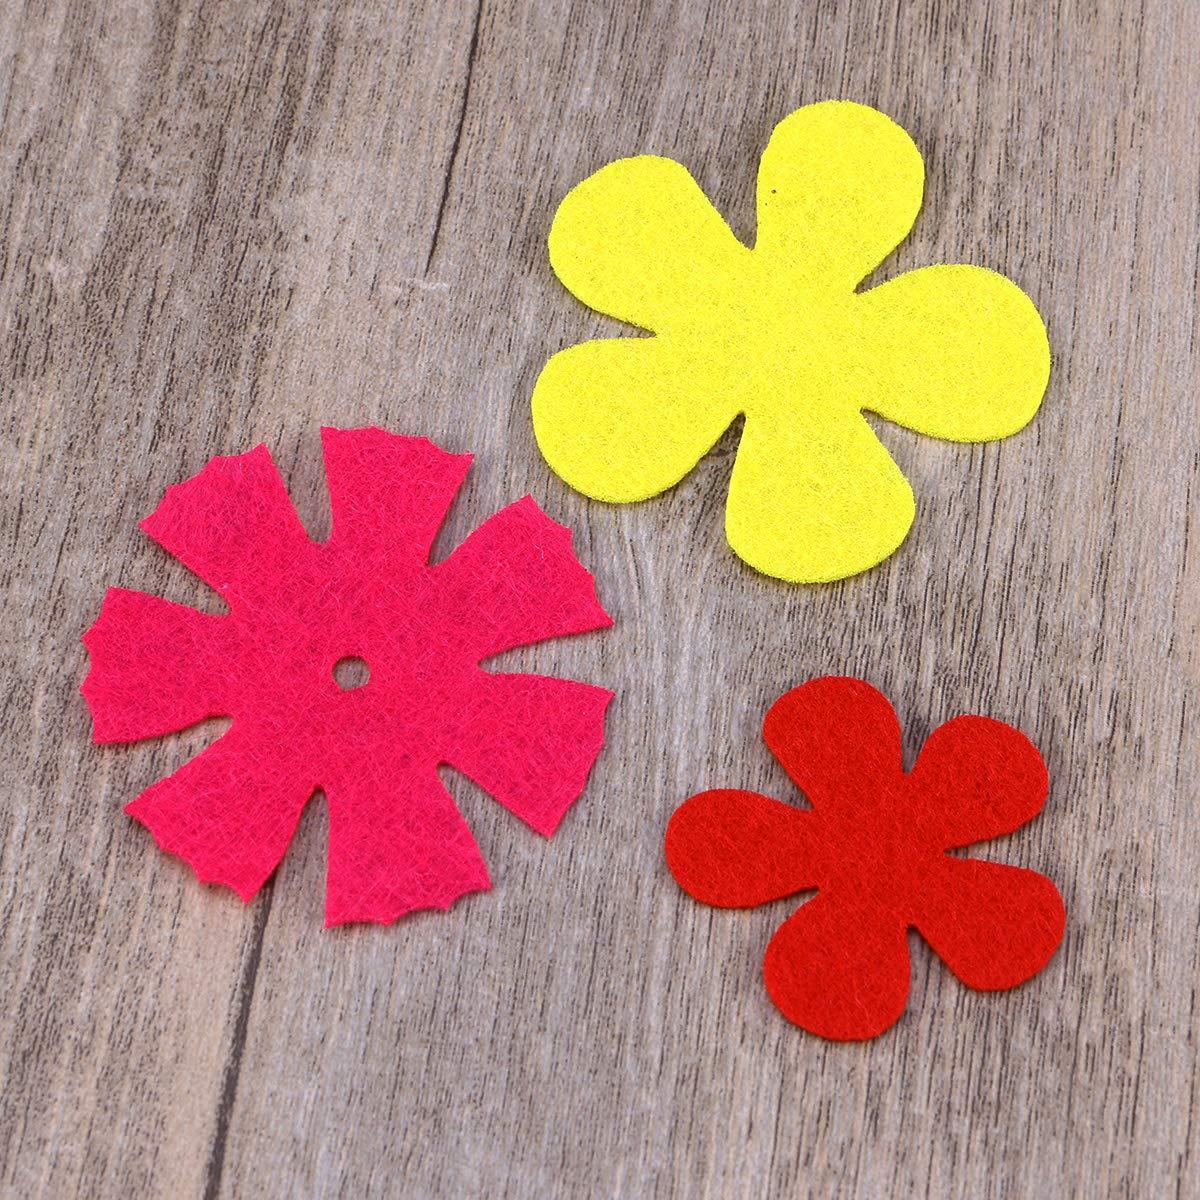 Zuf/ällige Farbe SUPVOX 150 St/ücke Filz Blumen DIY Kunst Handwerk Dekoration von Kleidung Taschen Schuhe